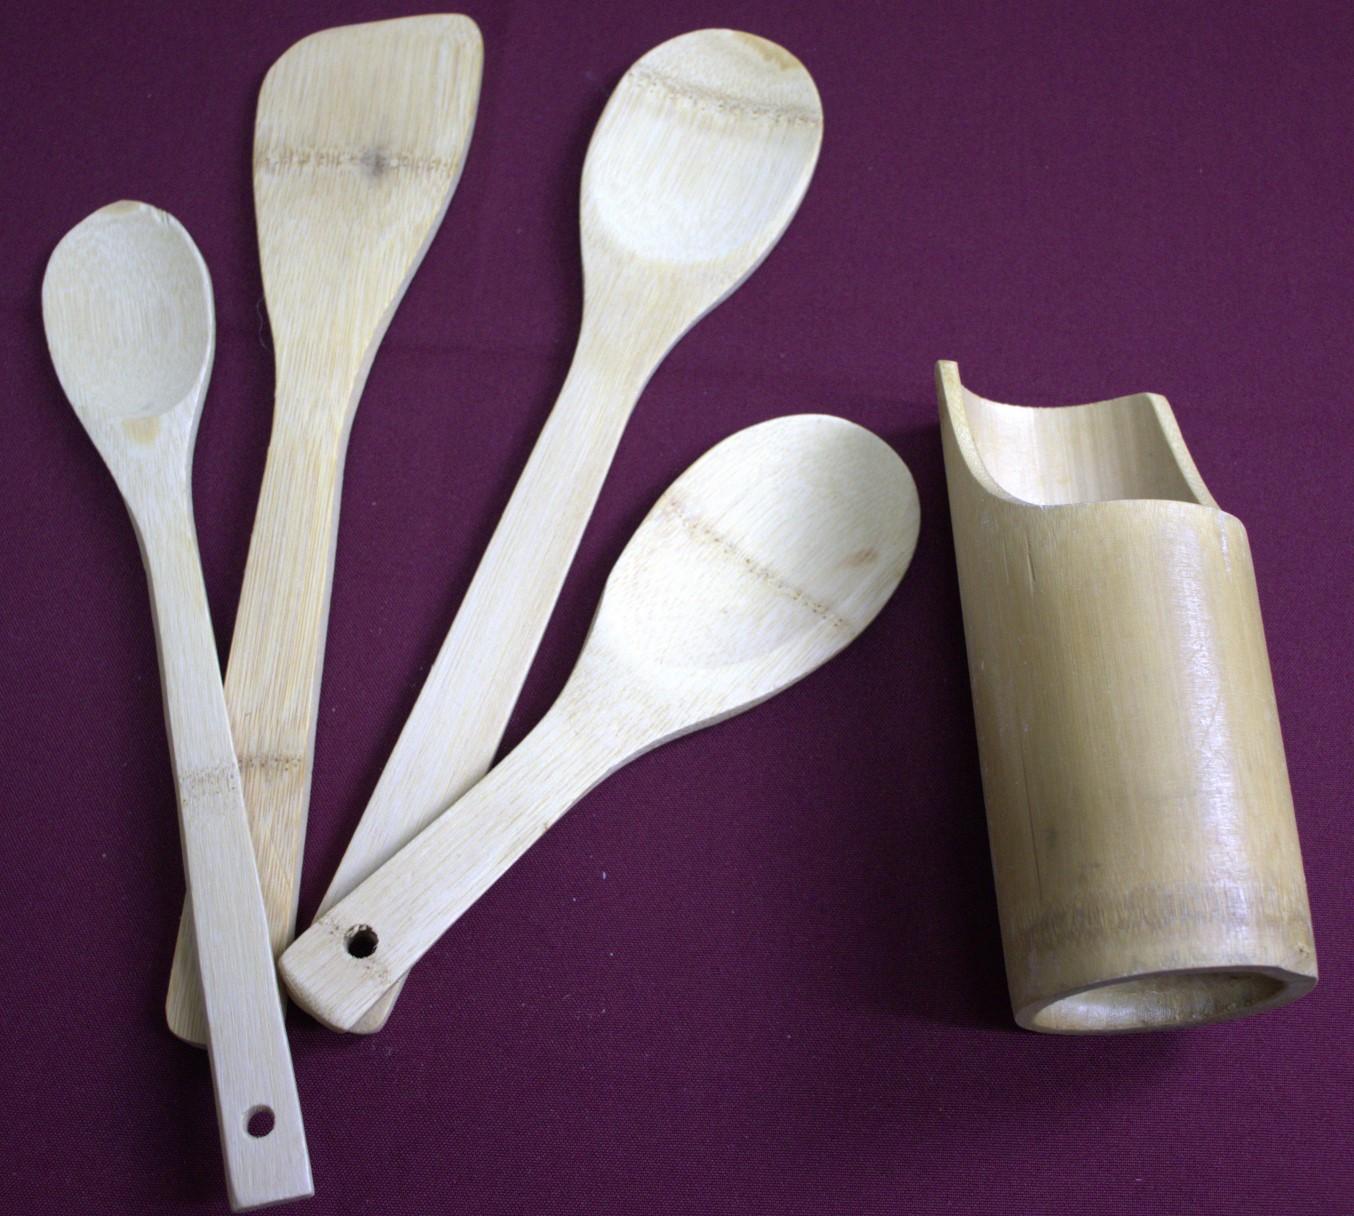 Jogo utensílios de bambu madeira ecológico 4 peças kit colher de pau